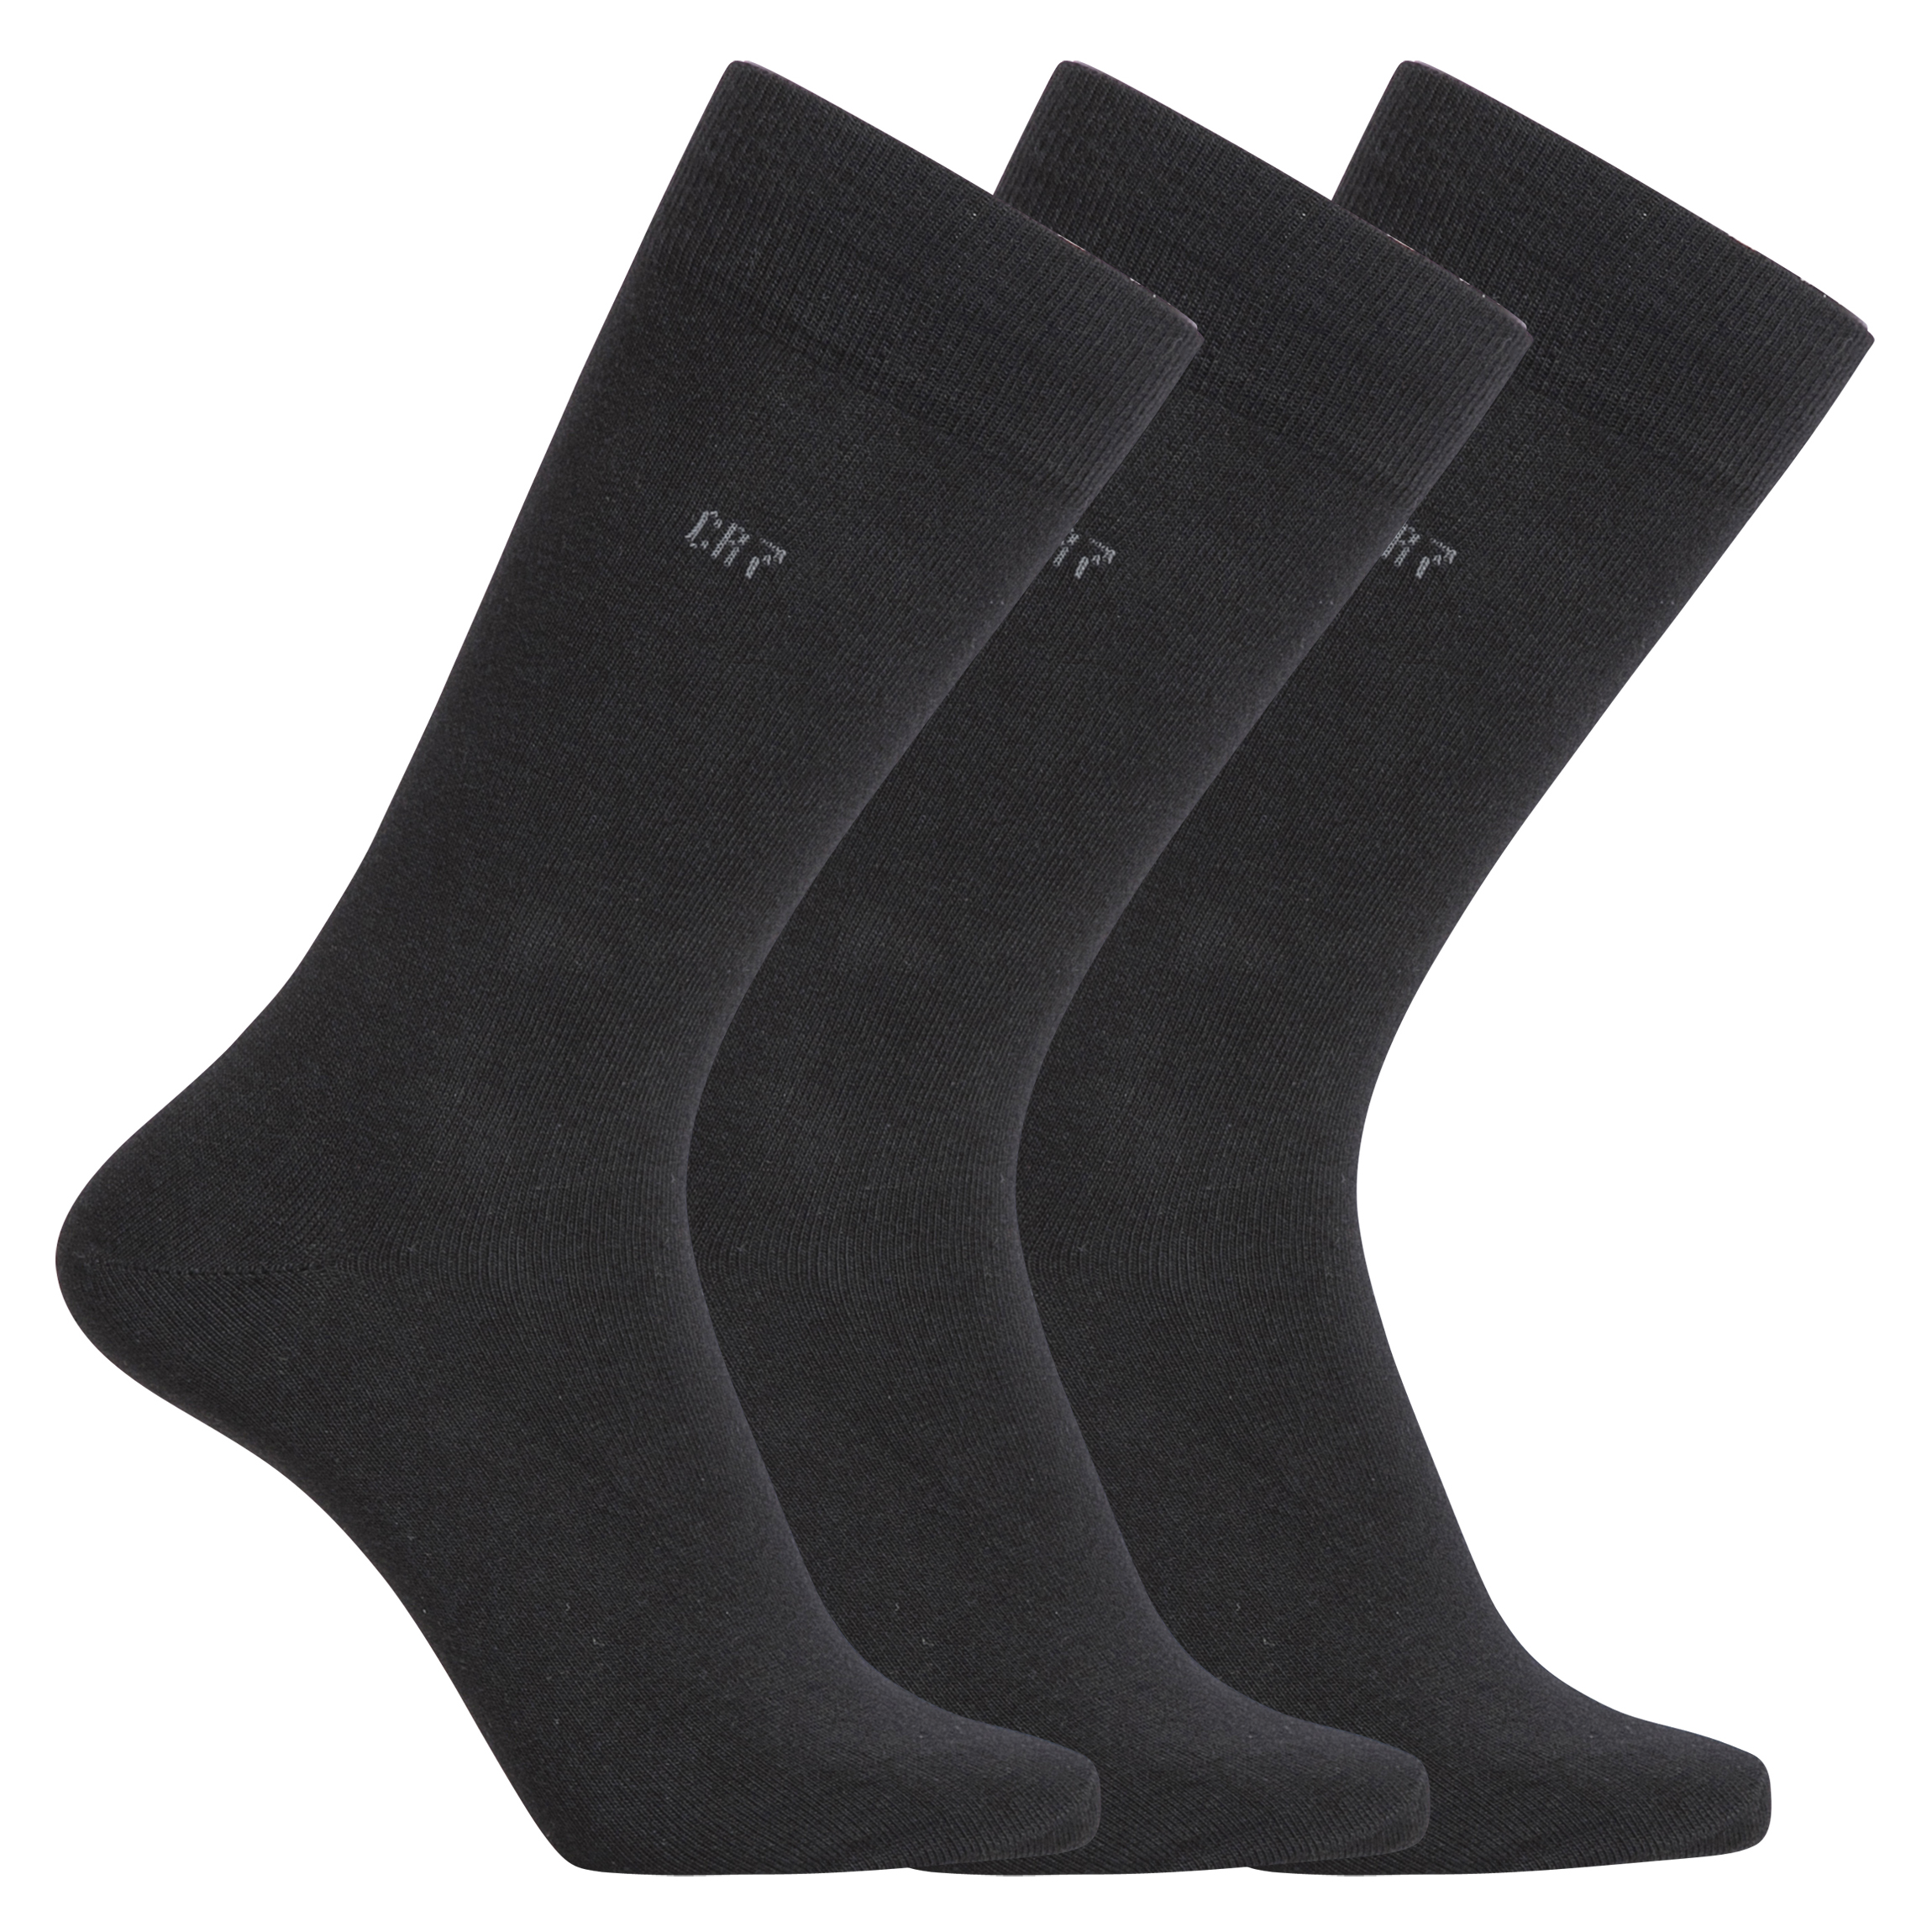 Ponožky vysoké 3 páry 8170-80-900 černá - CR7